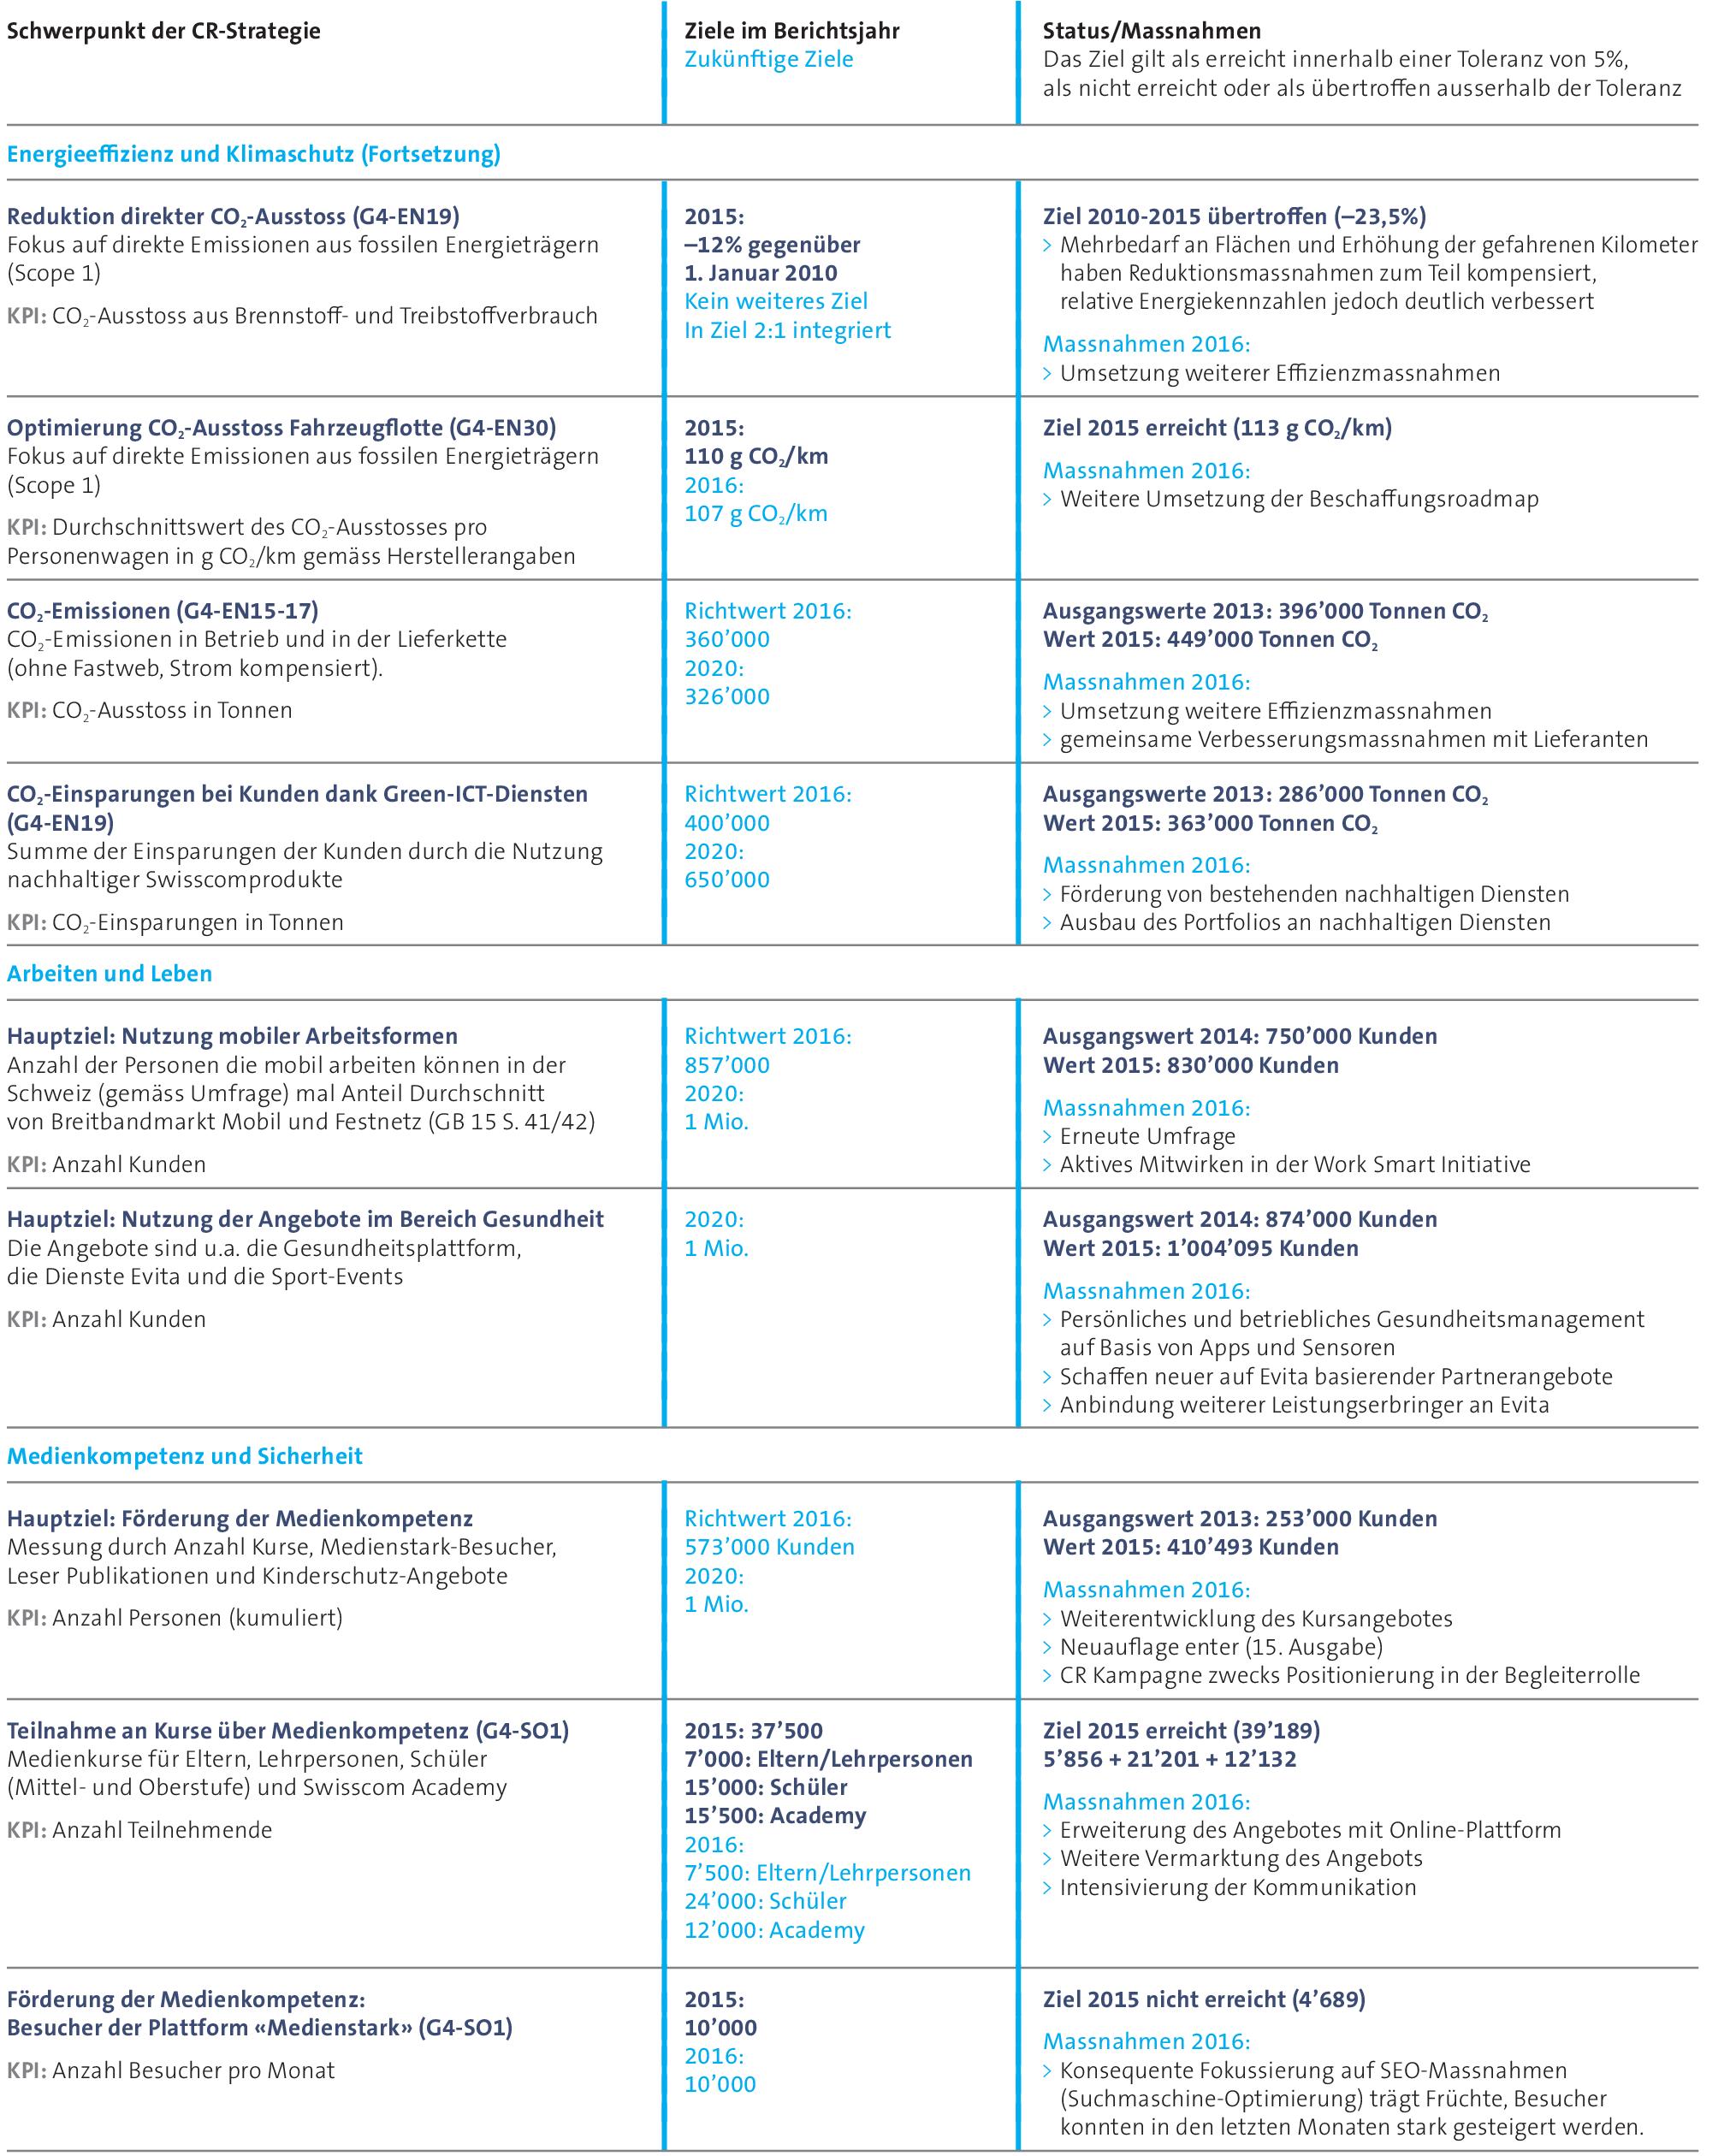 Die CO₂ Emissionen von Swisscom